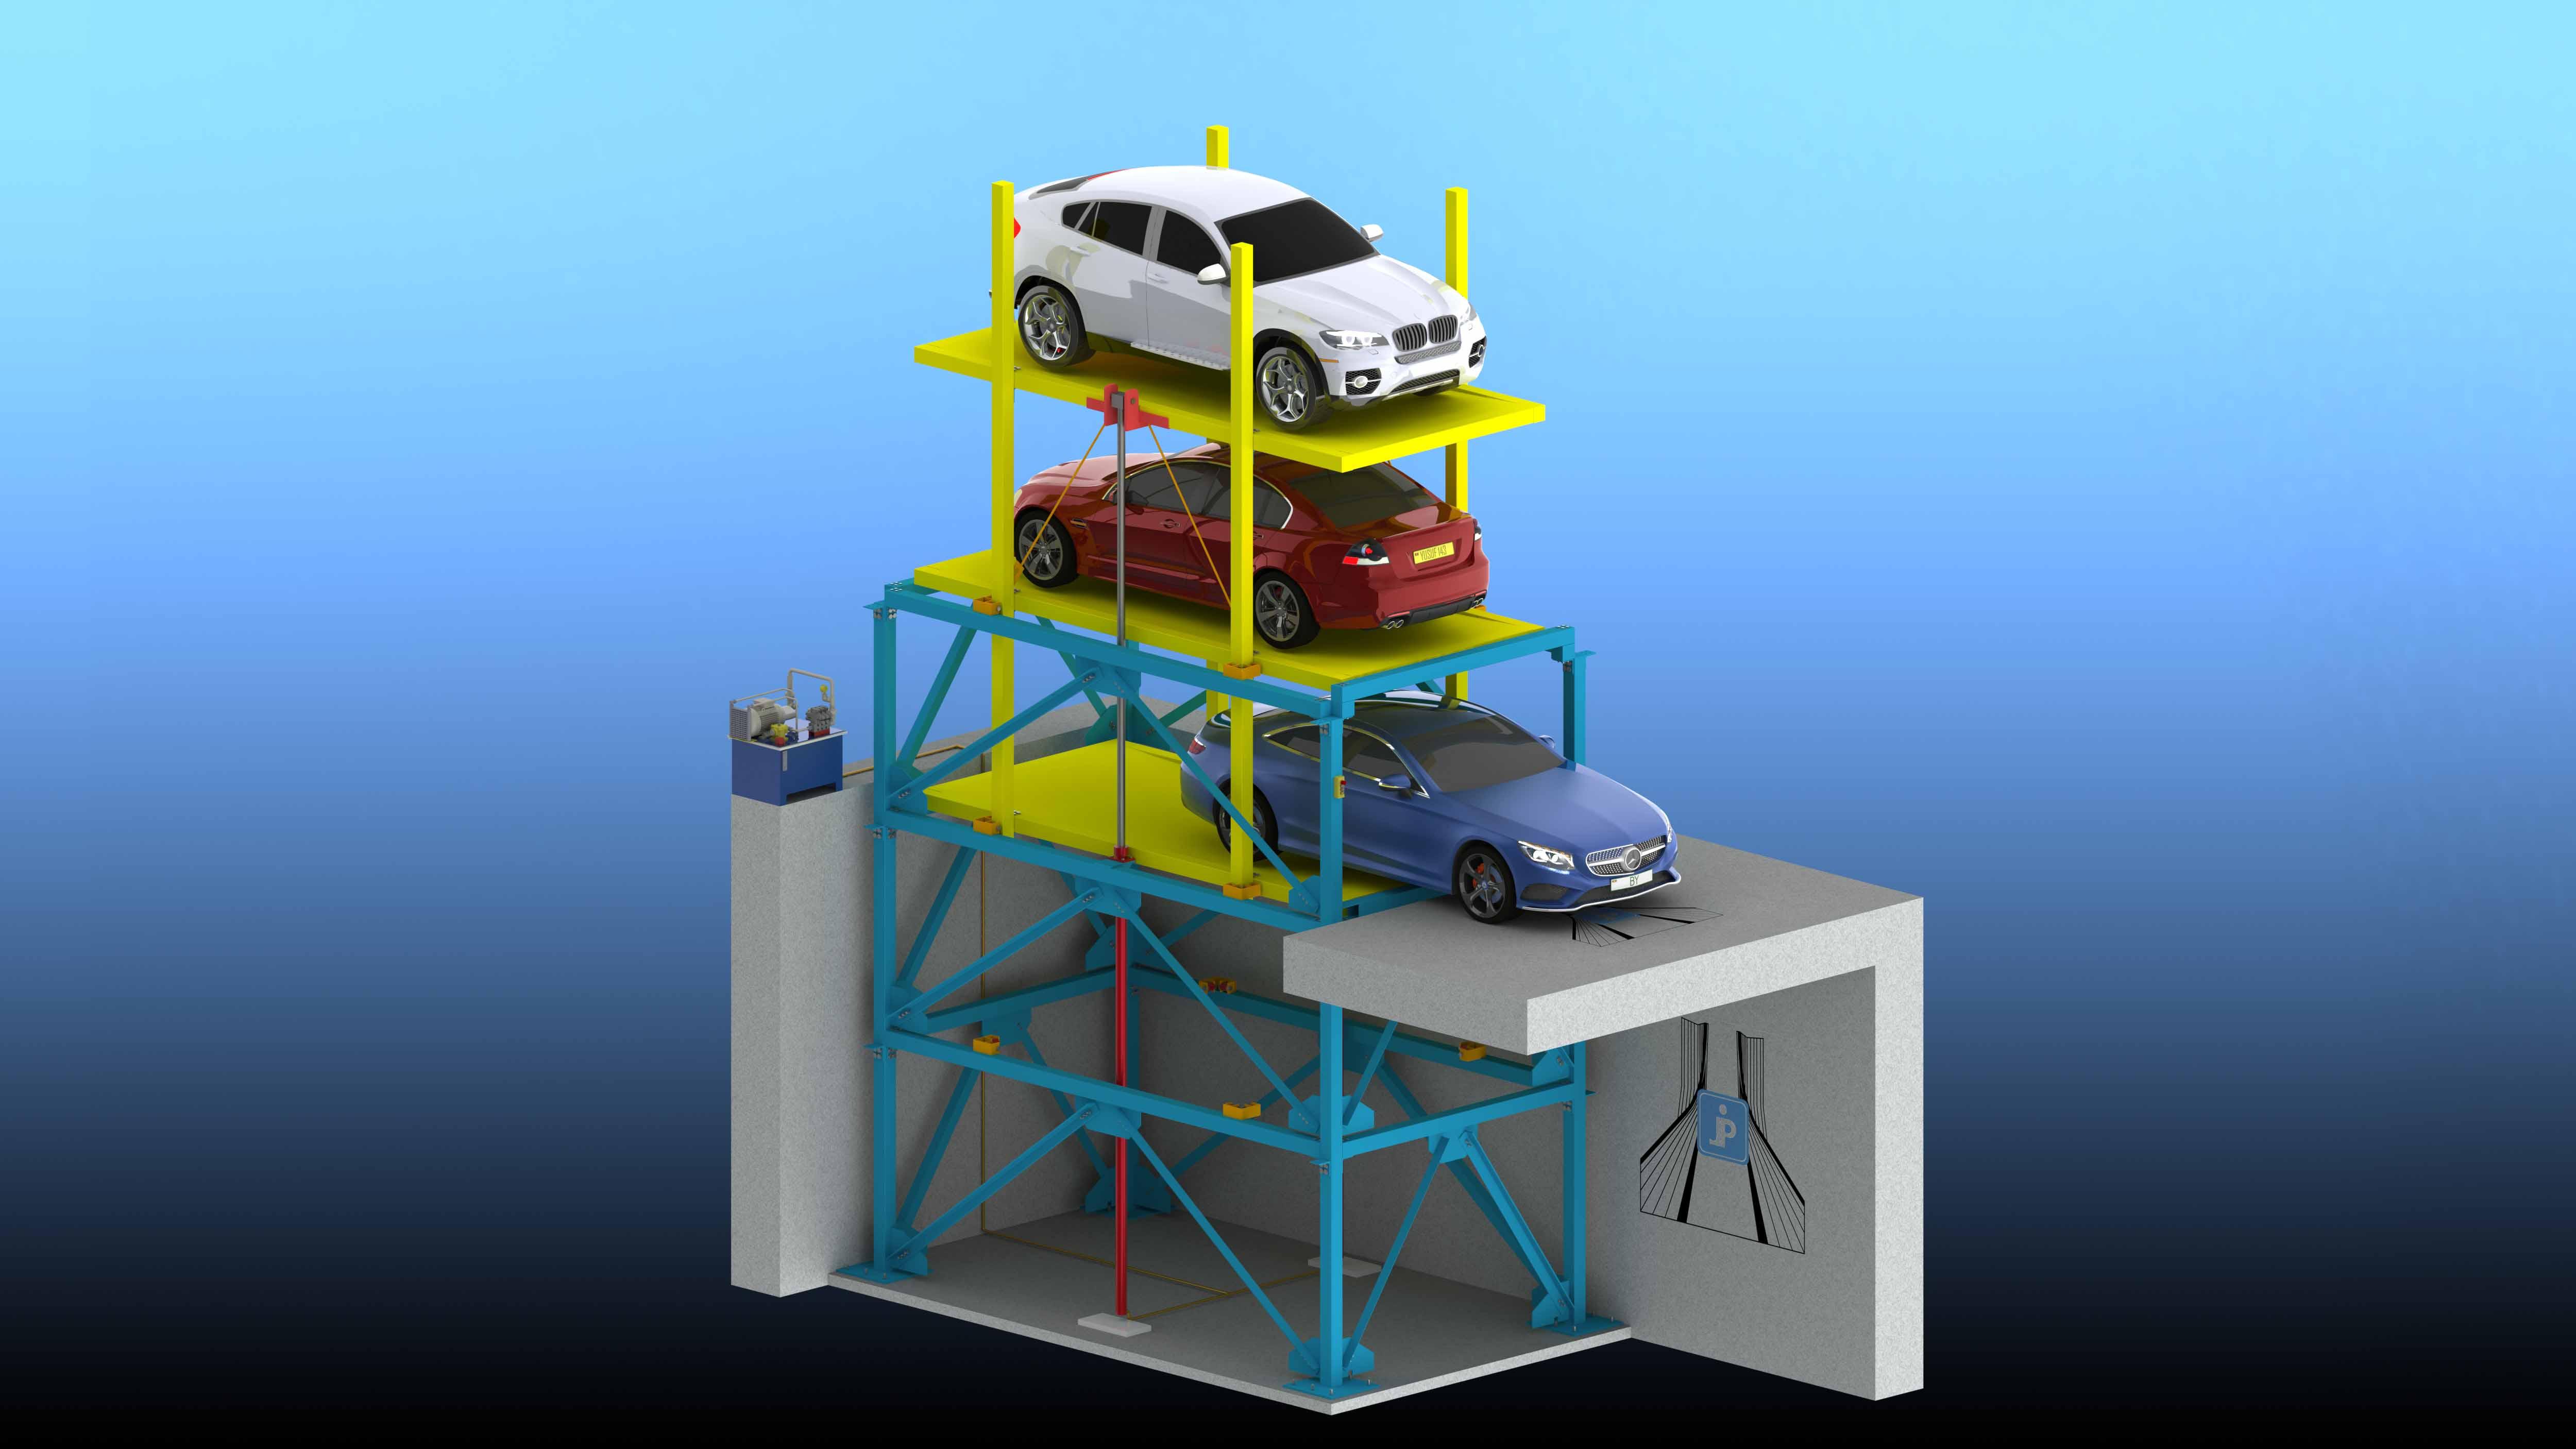 پارکینگ مکانیزه، پارکینگ کشویی، پارکینگ 3 طبقه، پارکینگ خانگی، افزایش پارکینگ